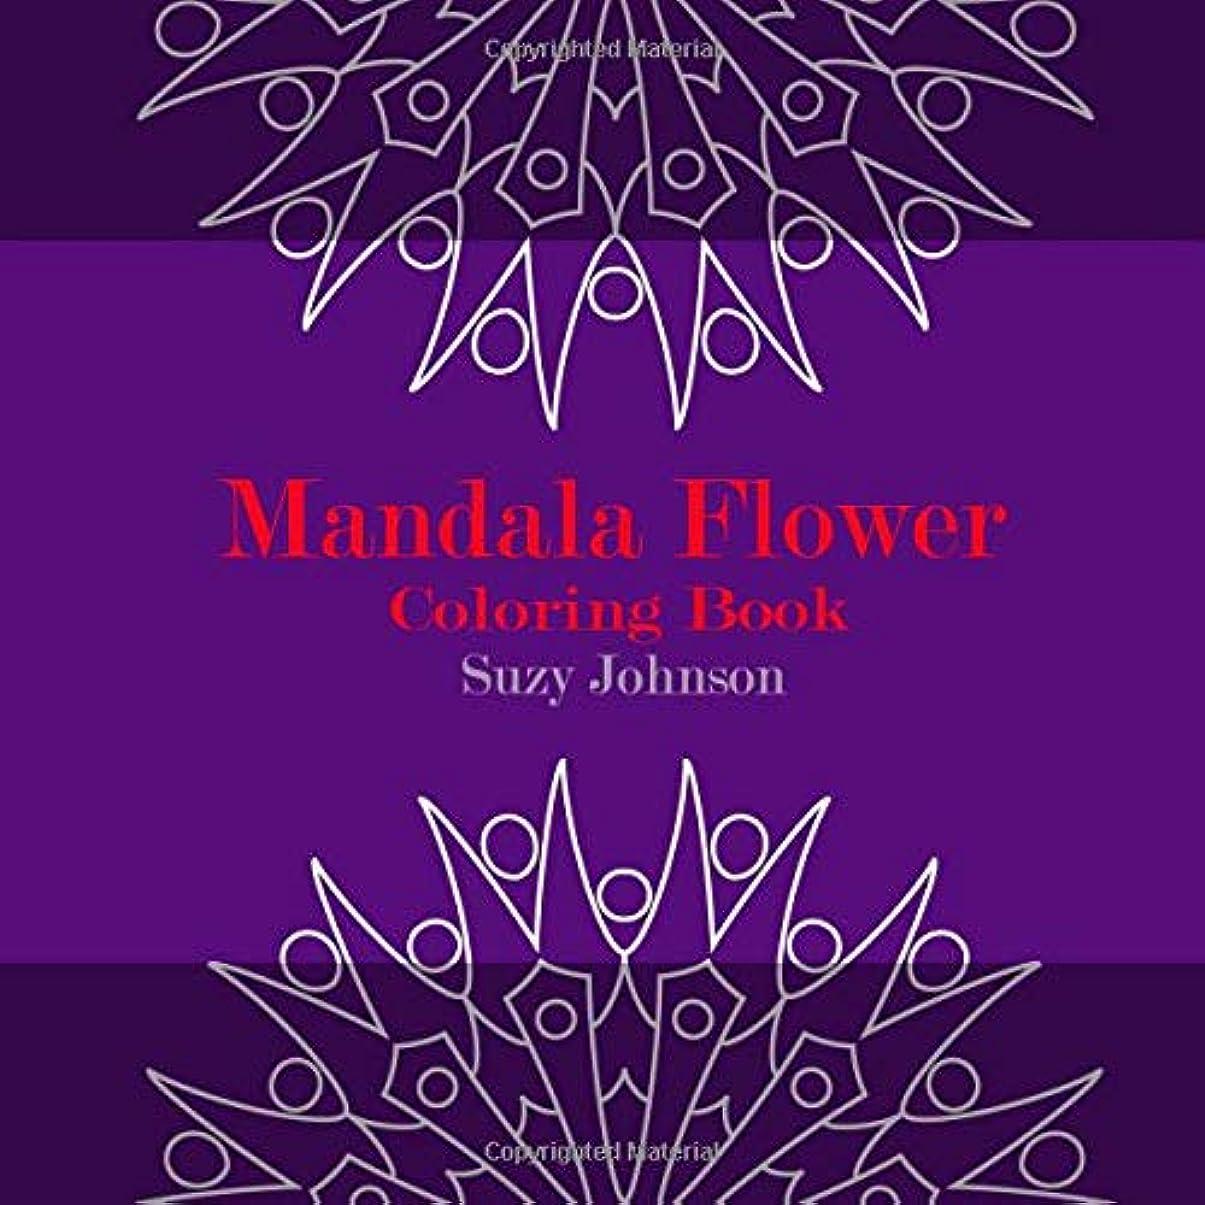 従うレスリング過度にMandala Flowers: Coloring book for adults. One-sided illustrations of 30 mandalas flower pattern to color as a relaxing and meditation.